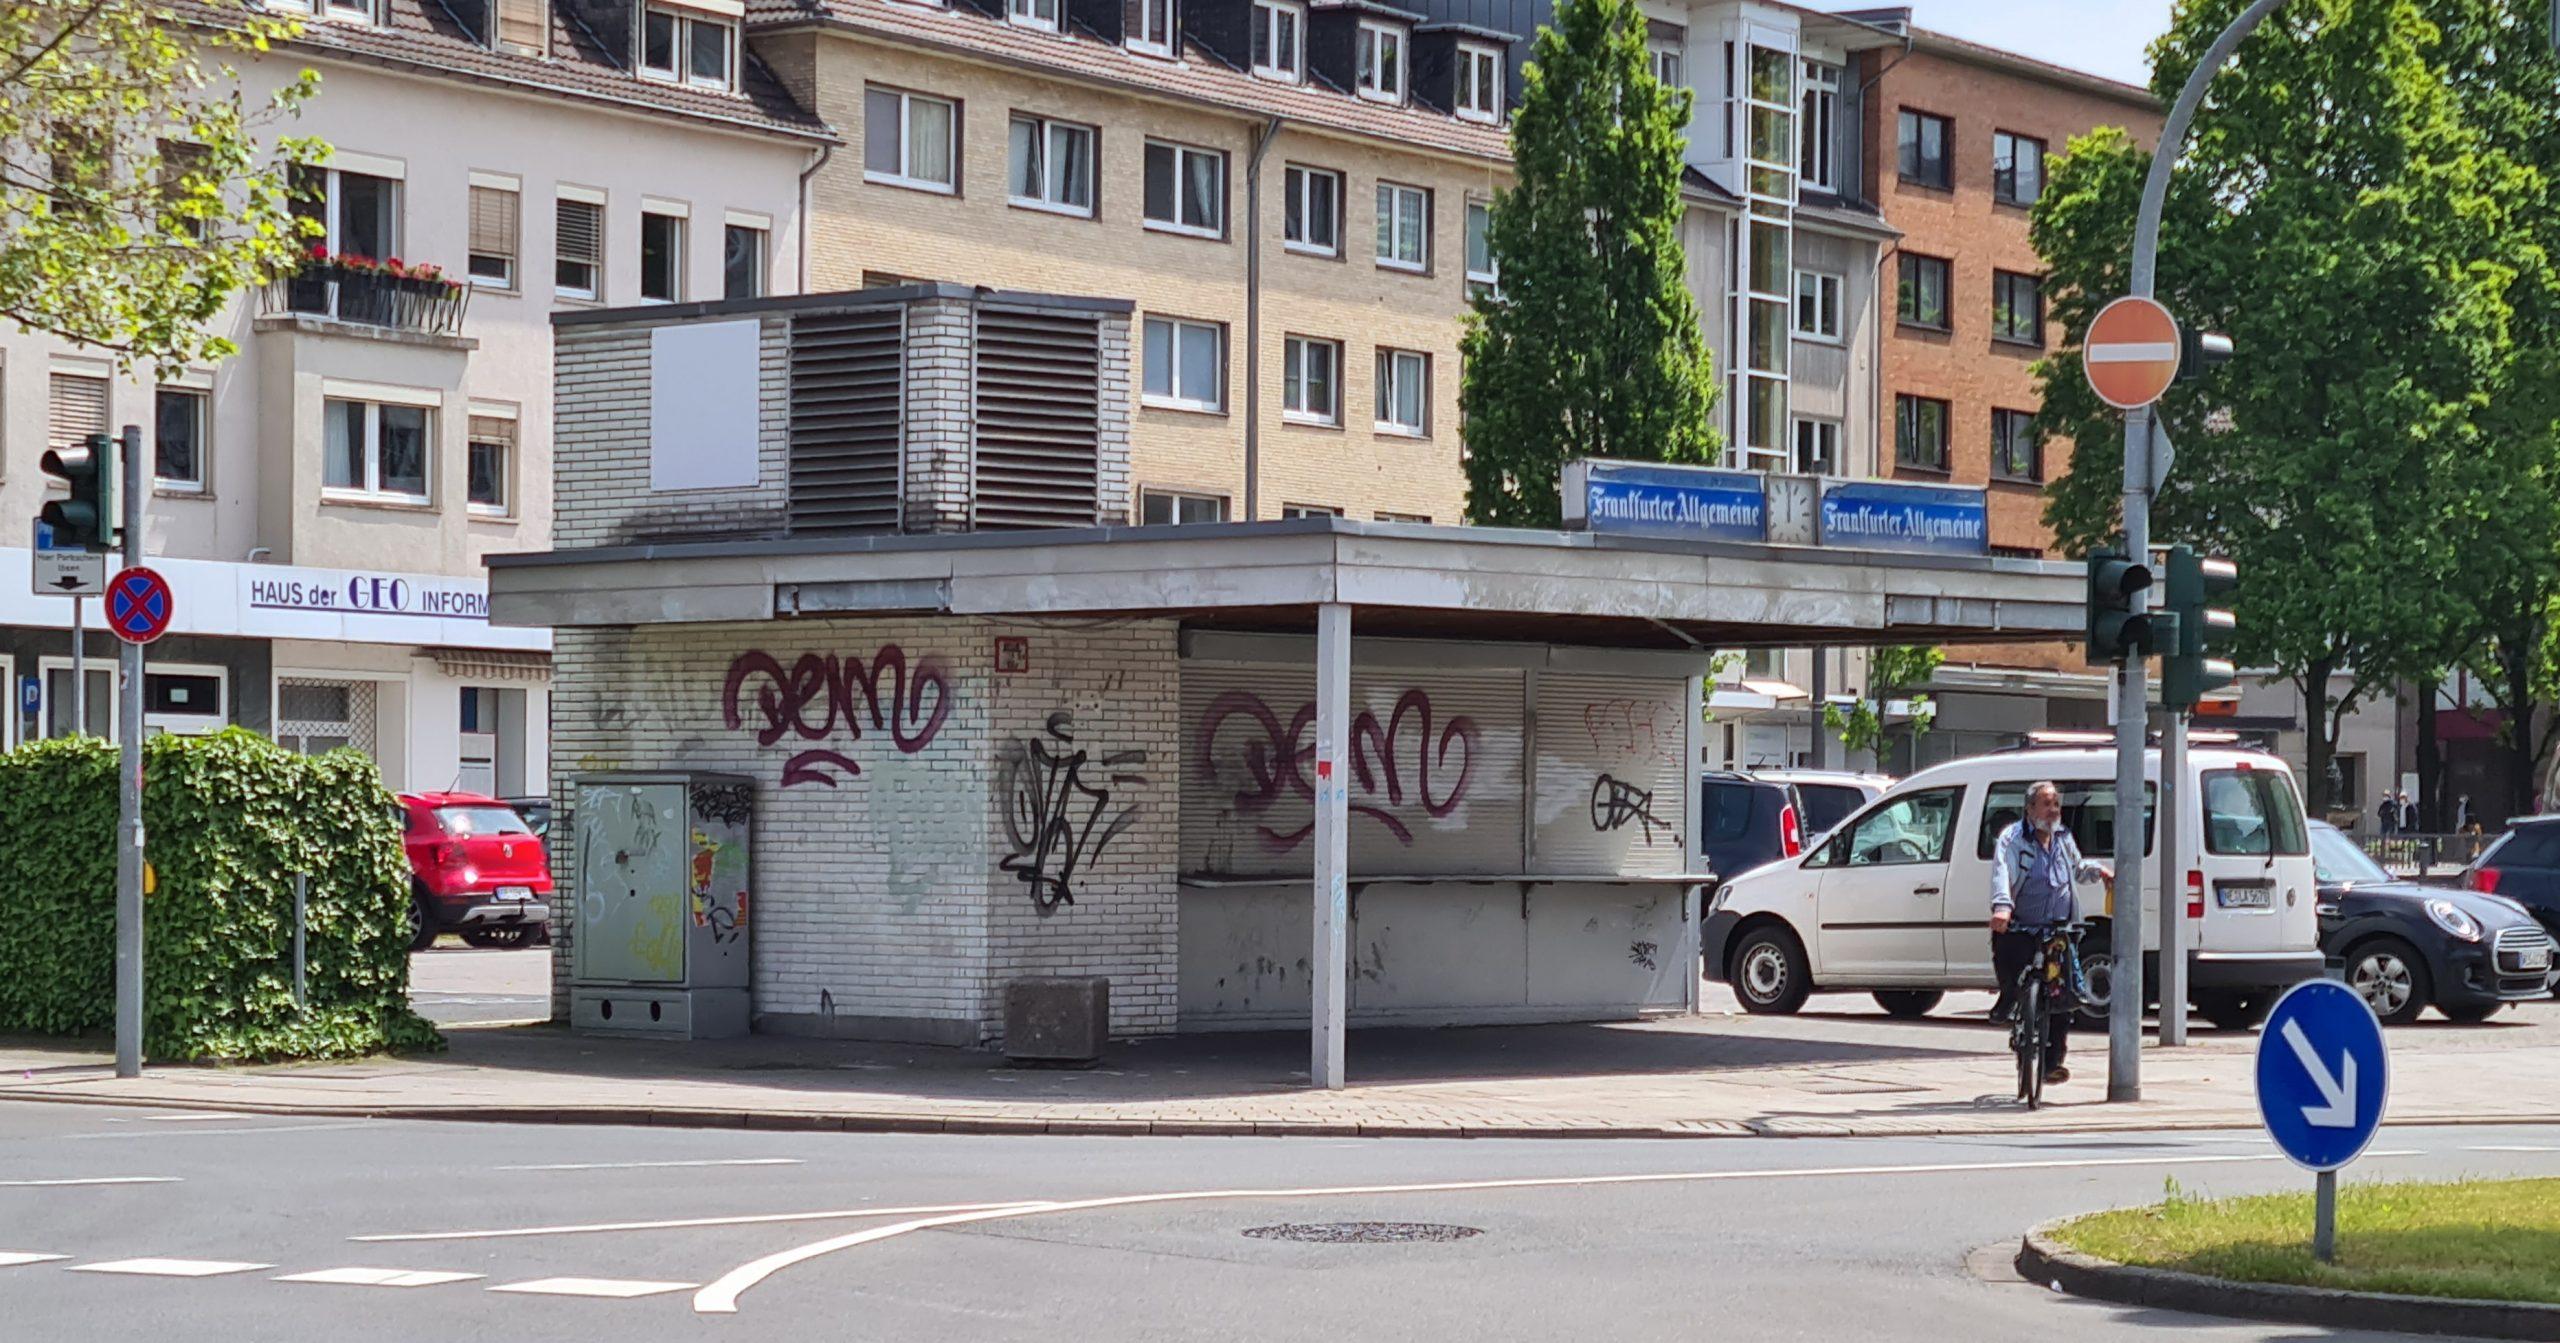 Der Rathausmarkt – Neugestaltung des Kiosk-Bereiches anpacken!